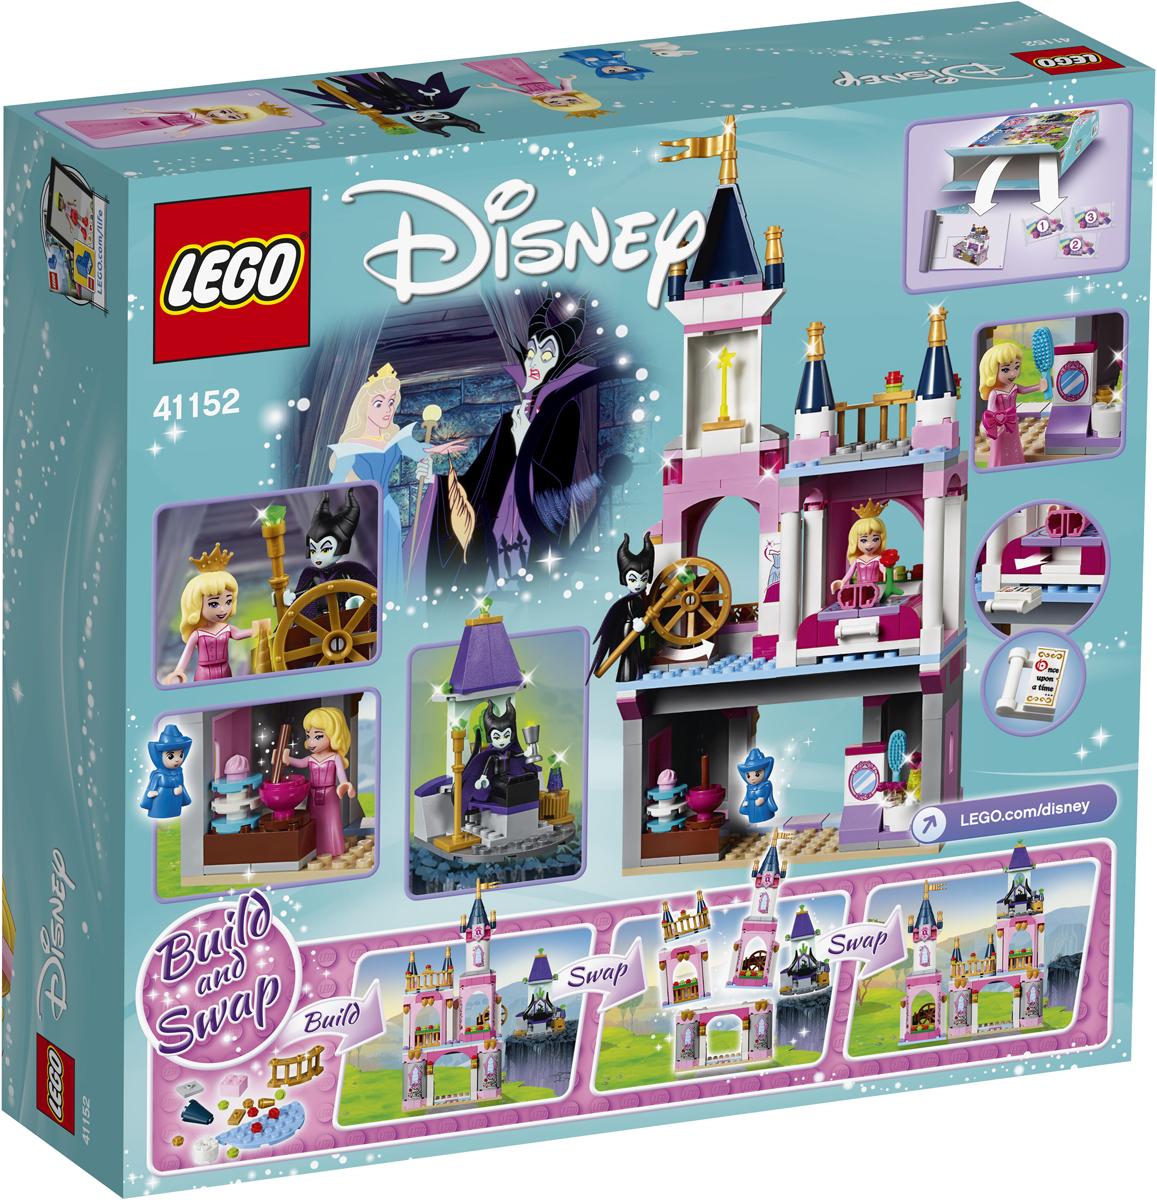 LEGO Disney Princess Конструктор Сказочный замок Спящей Красавицы 41152 конструктор lepin fairytale сказочный замок спящей красавицы 360 дет 25012